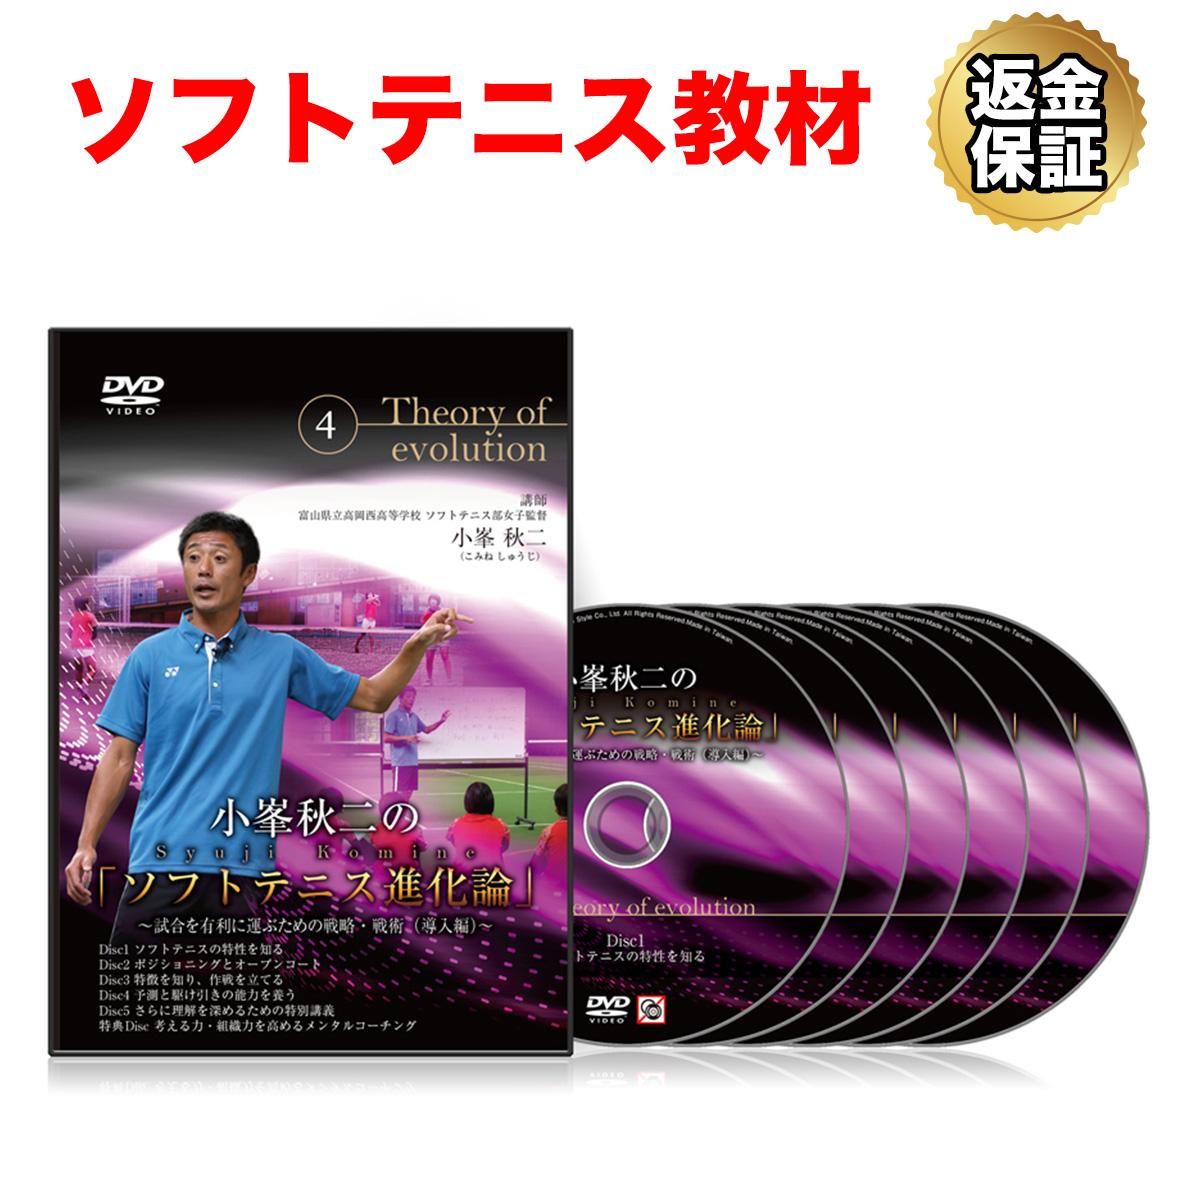 ソフトテニス 教材 DVD 小峯秋二の「ソフトテニス進化論」~試合を有利に運ぶための戦術・戦略(導入編)~